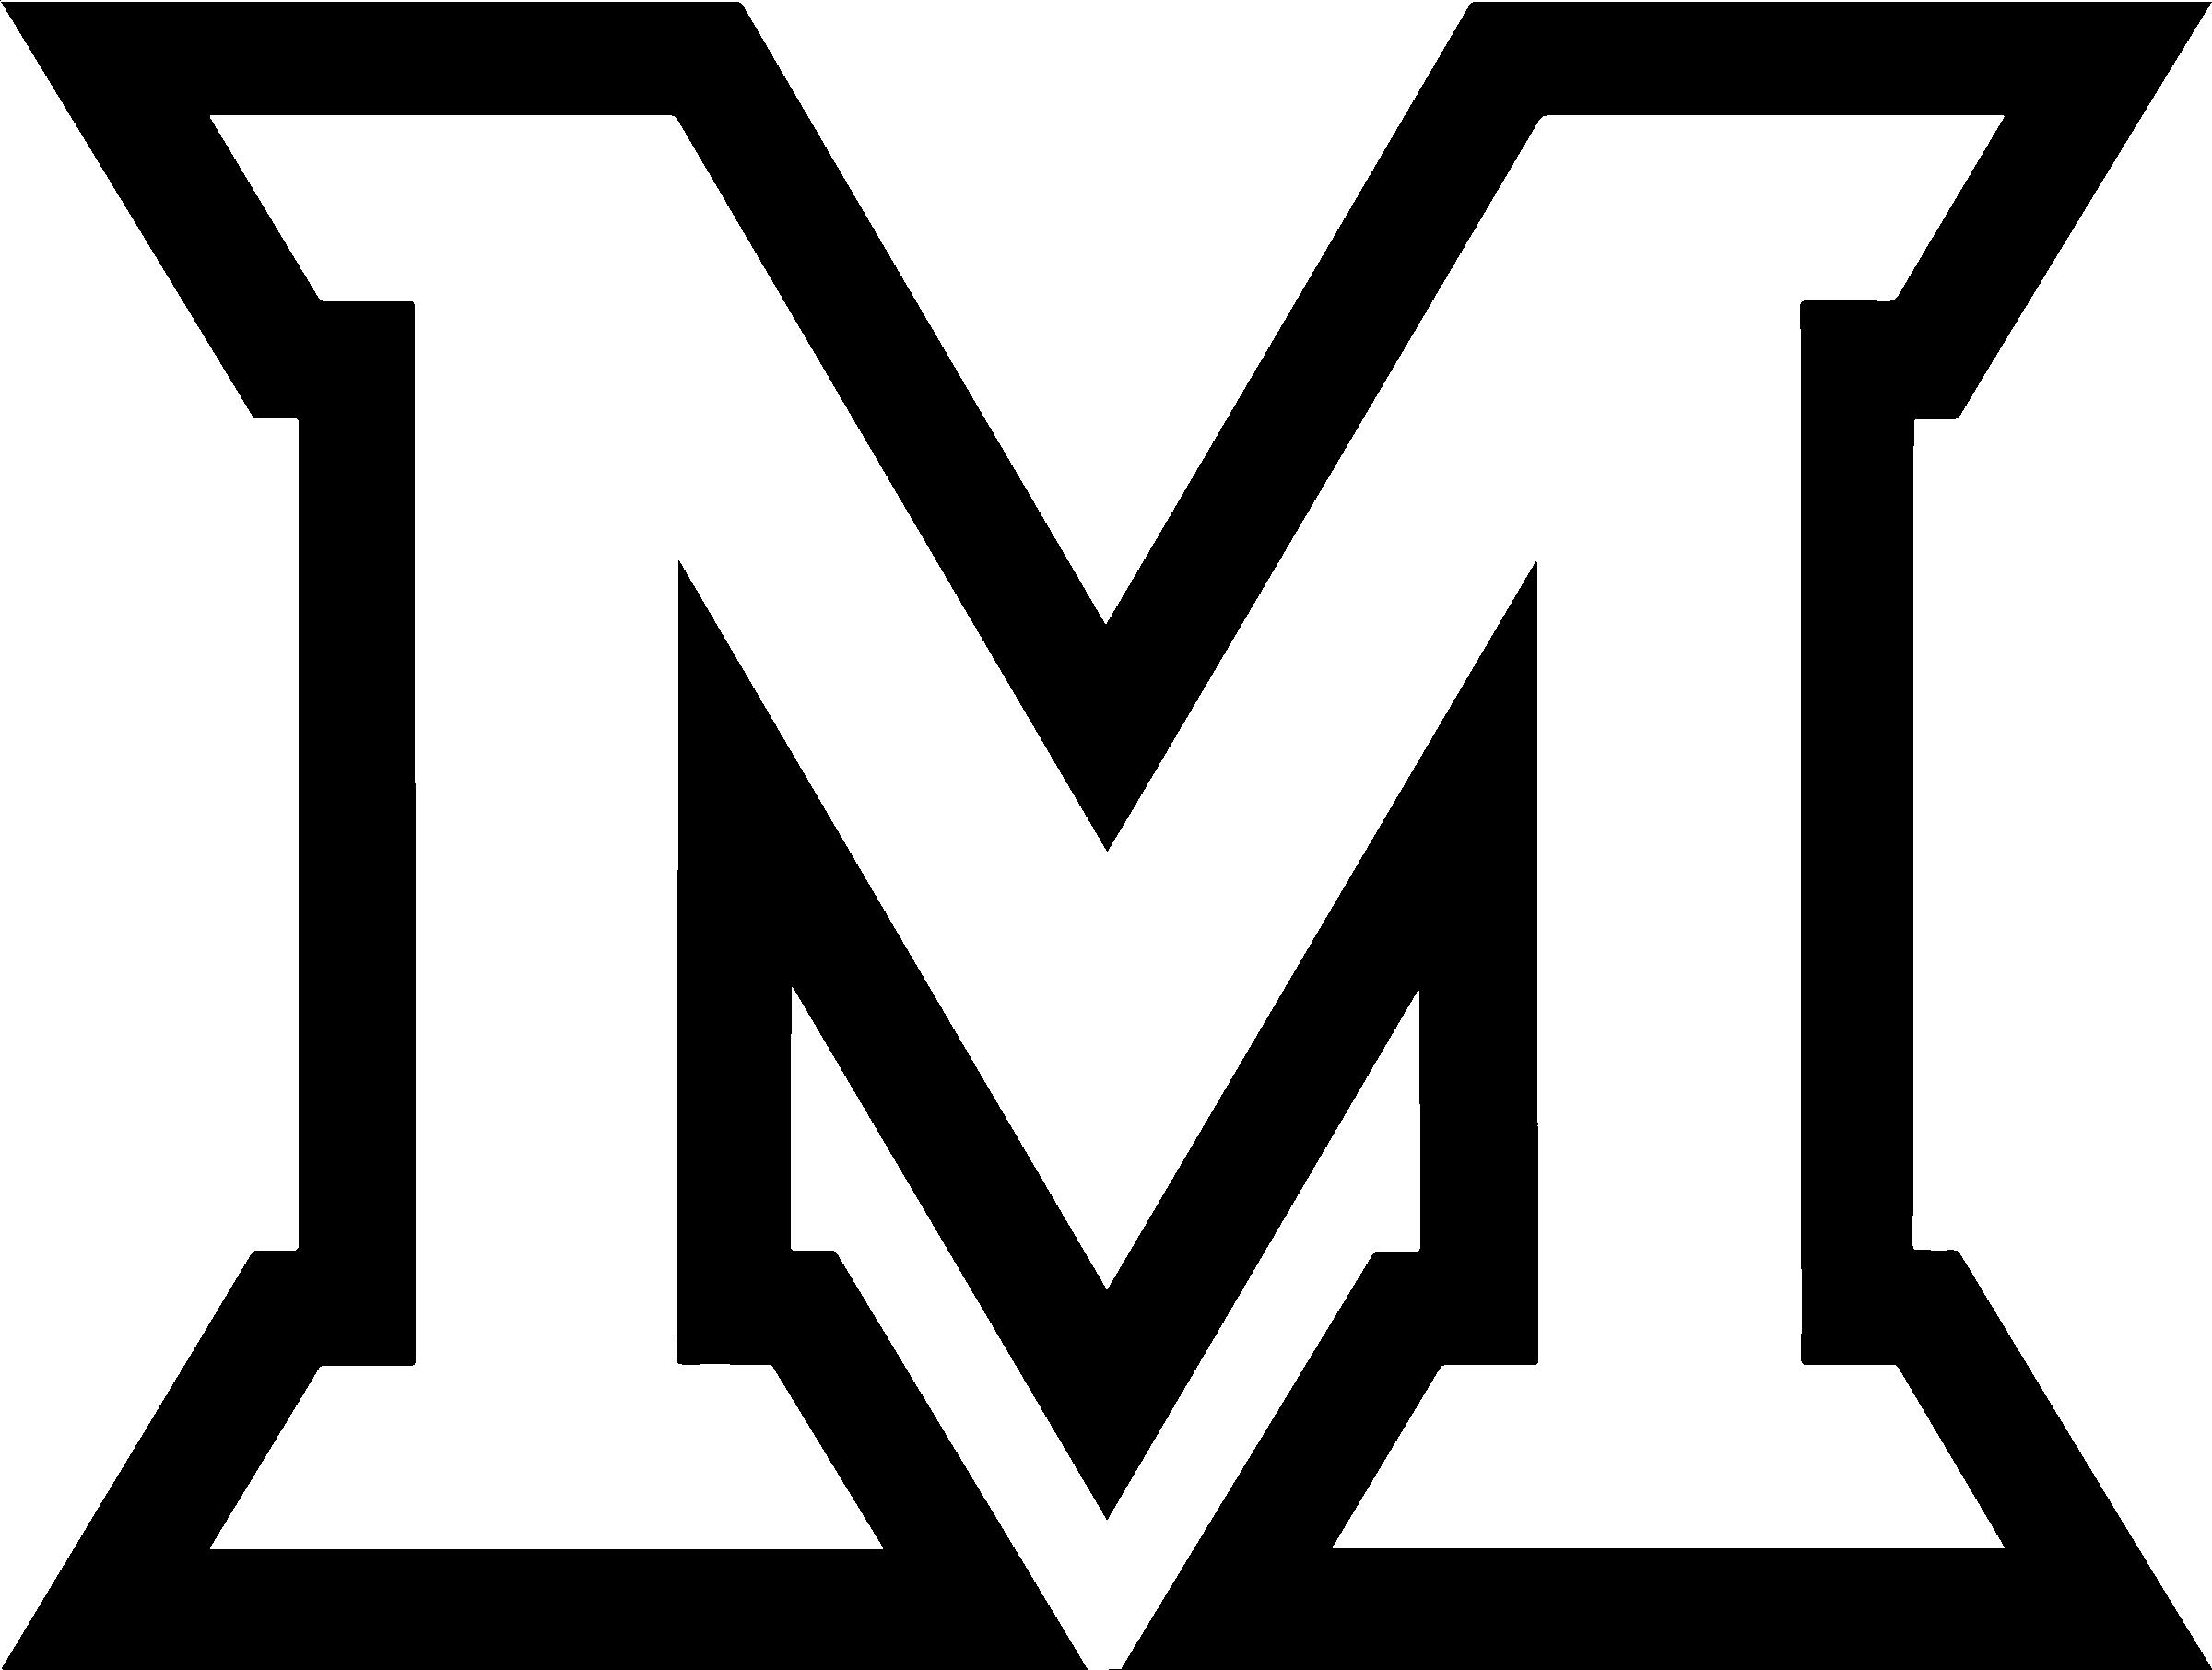 Miami university logo clipart image freeuse Miami University Logo PNG Transparent & SVG Vector - Freebie ... image freeuse